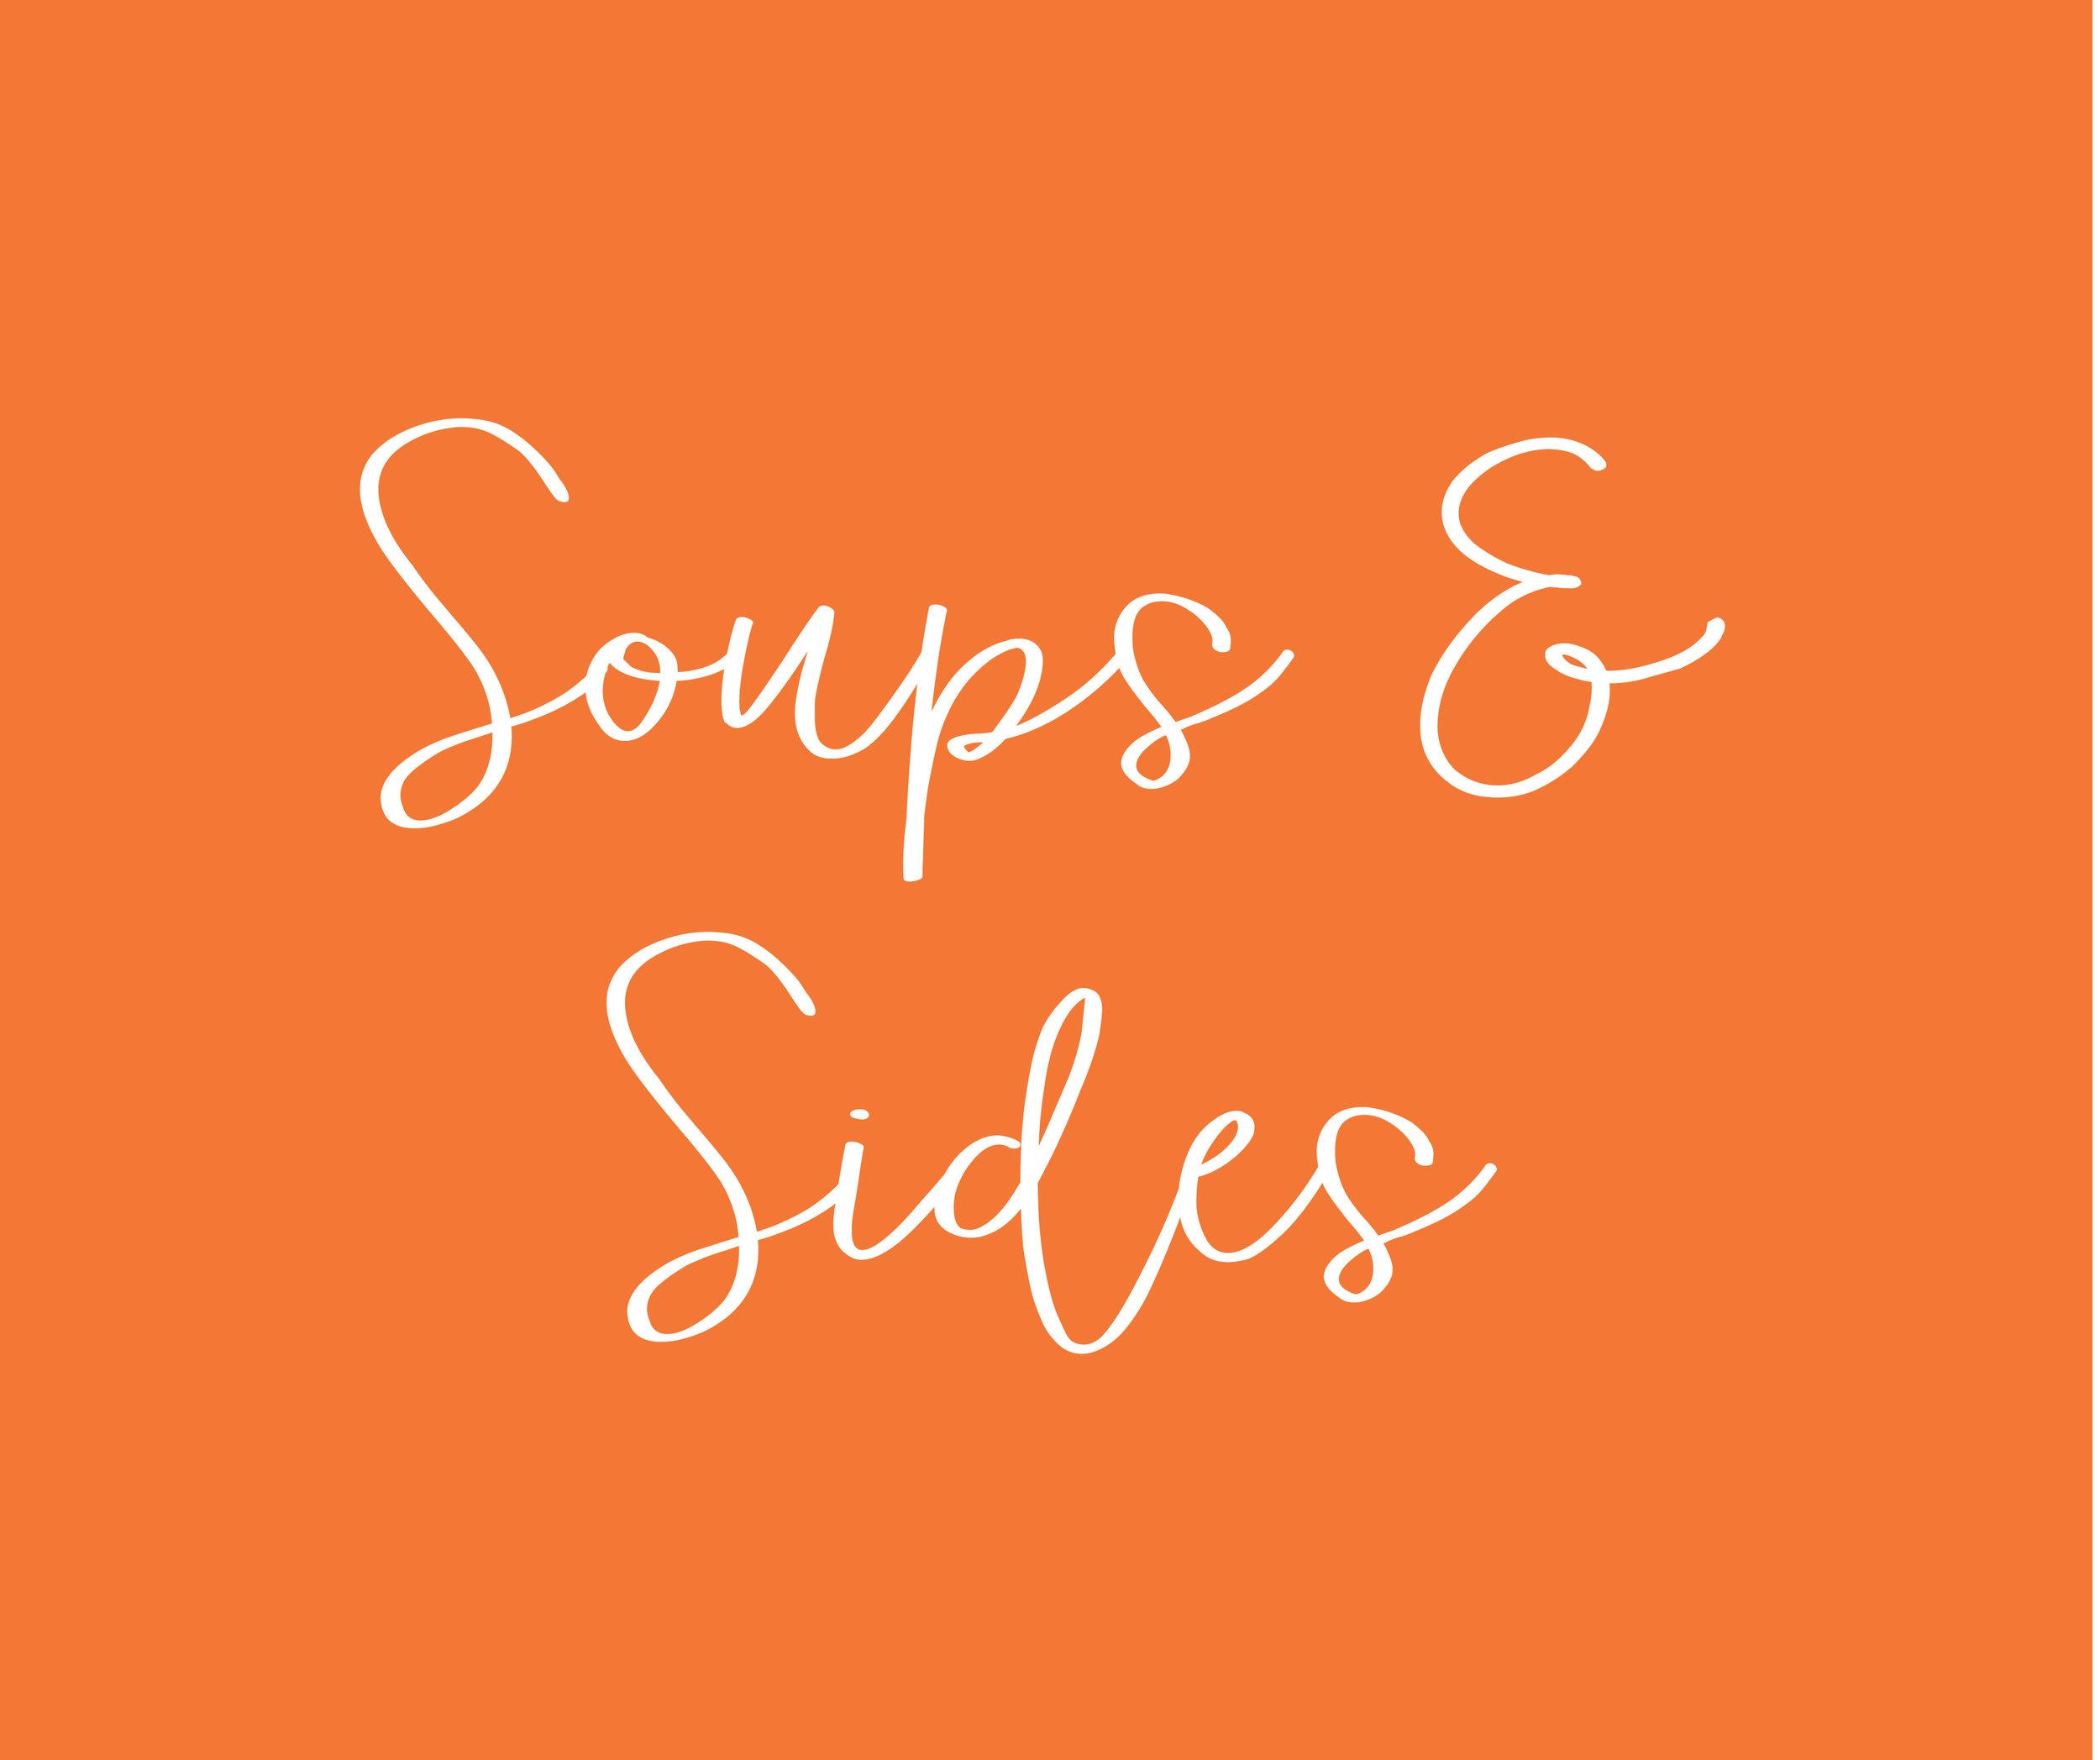 soups sides.jpg